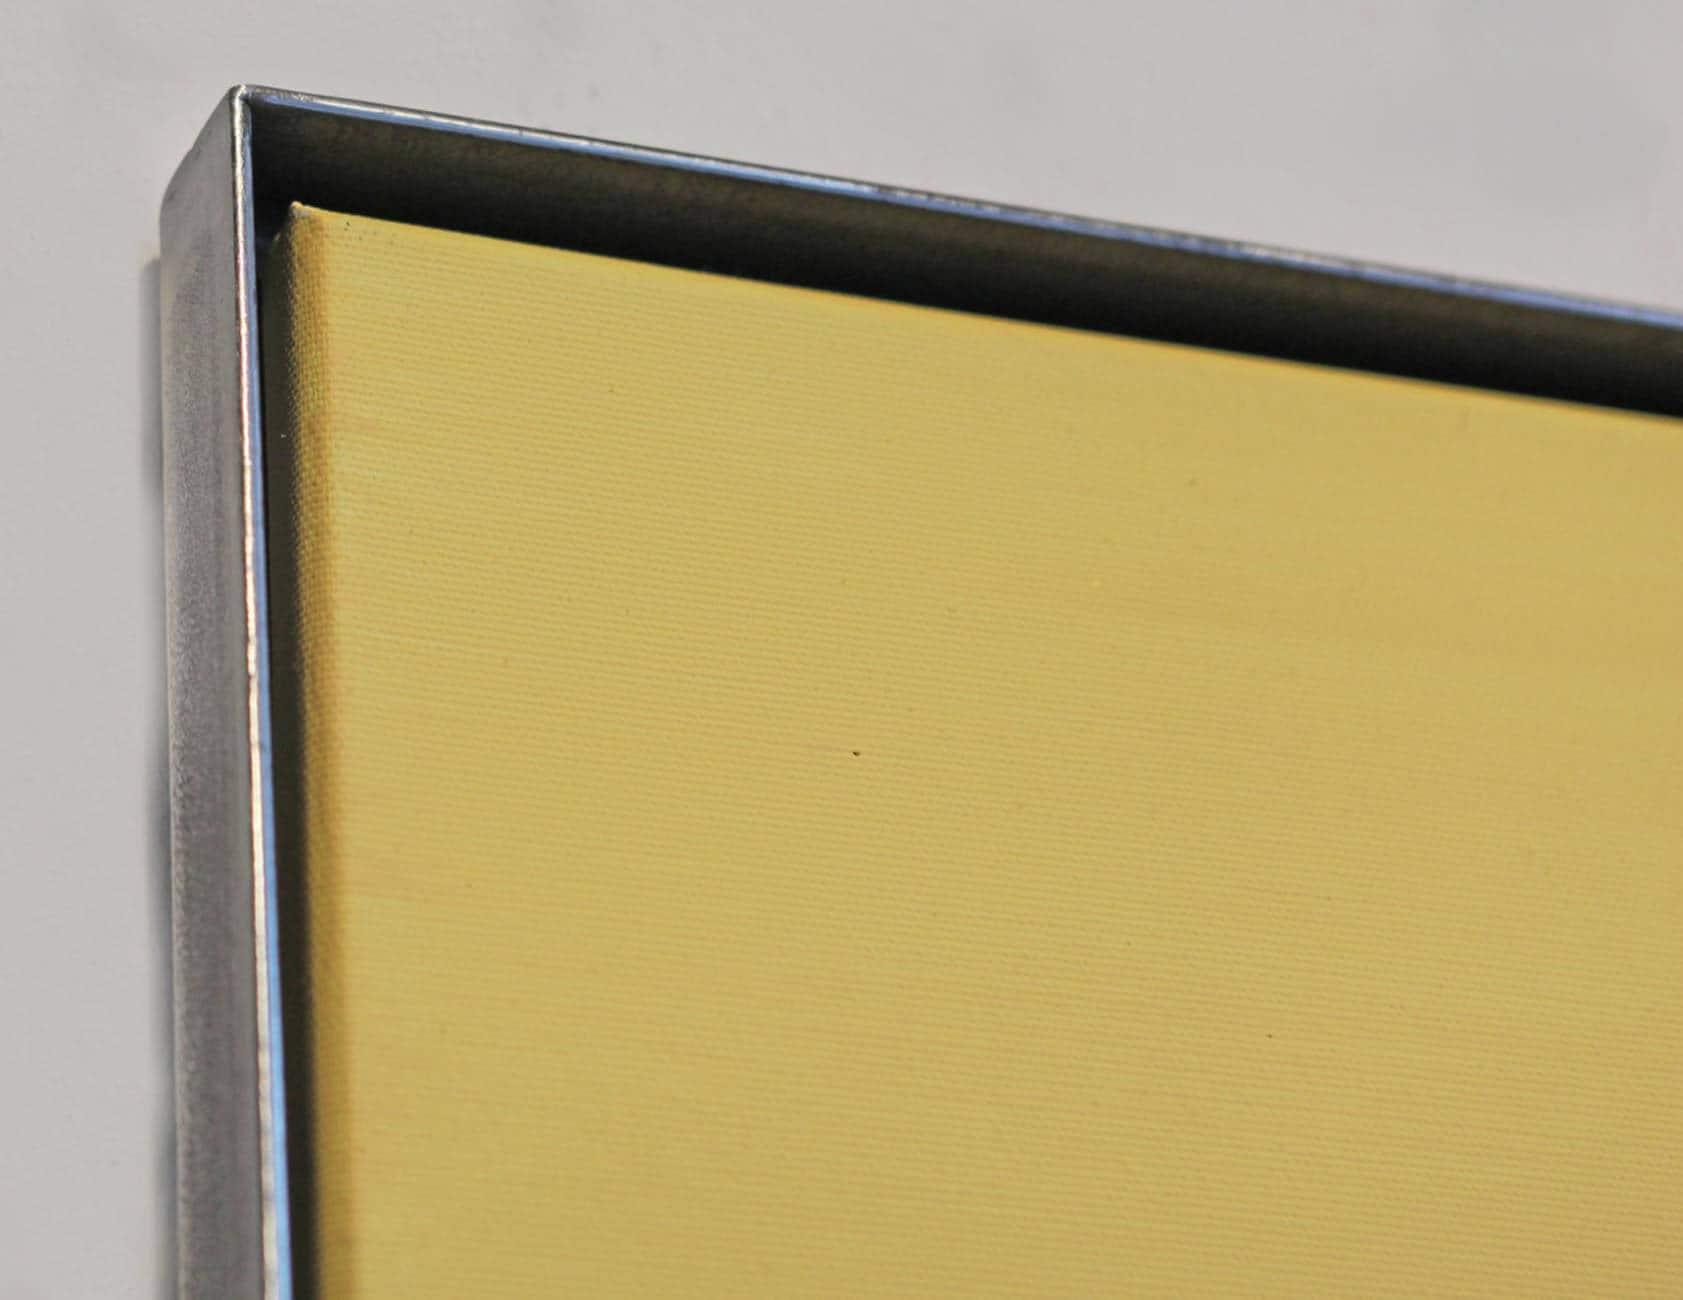 Bilderrahmen Schattenfugenrahmen Stahl Leinwandrahmen Rahmen